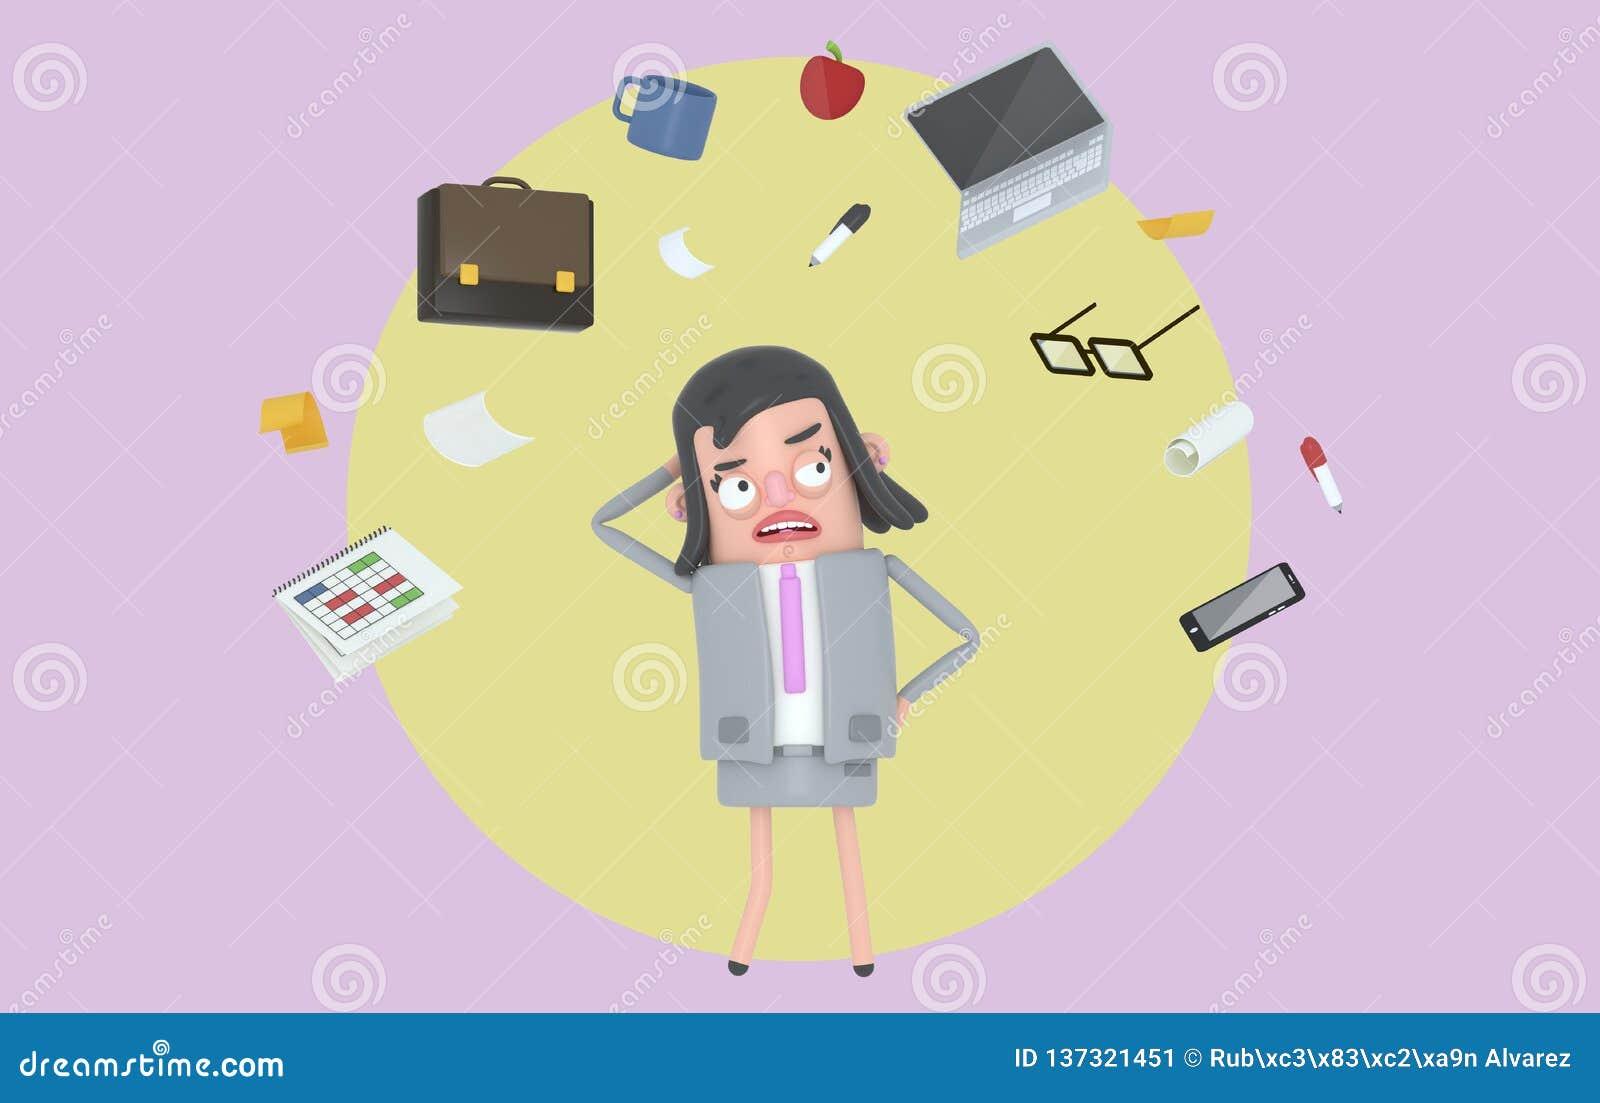 Bizneswoman stresuje się patrzejący biurowych akcesoria Tło odosobniony